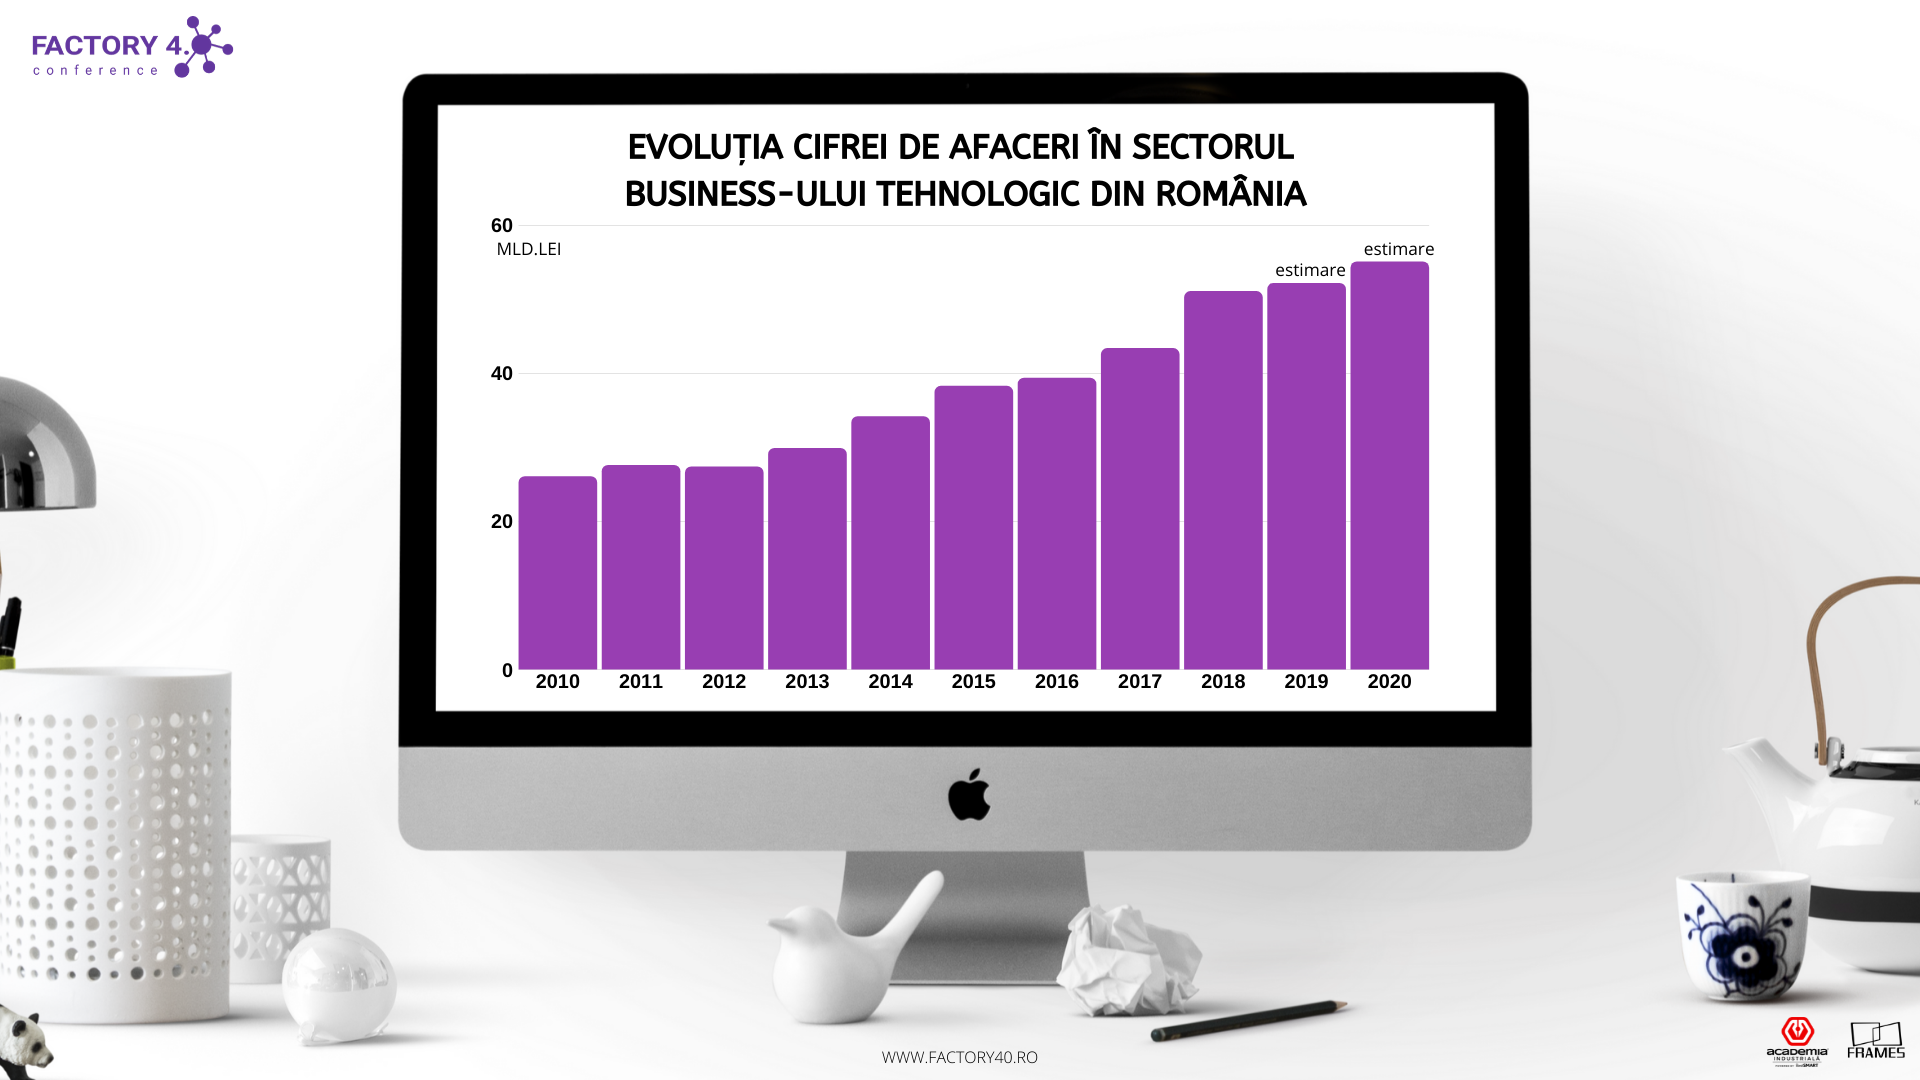 Afacerile din sectorul tehnologic, 55 mld.lei în 2020. Focus pe digitalizare și robotizare